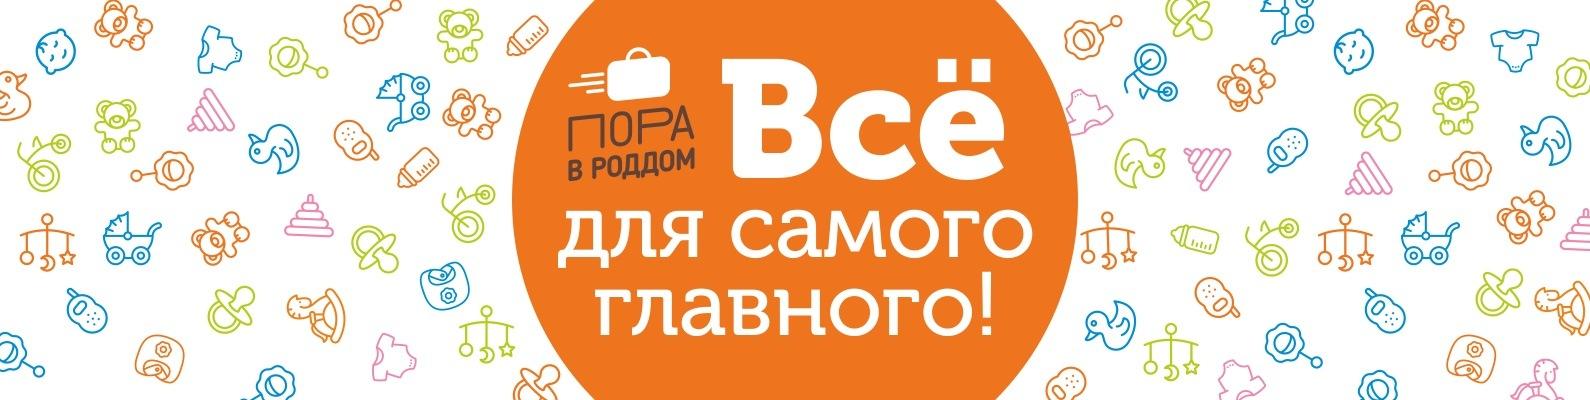 97988a4fde28 Пора в роддом — супермаркет для беременных! | ВКонтакте